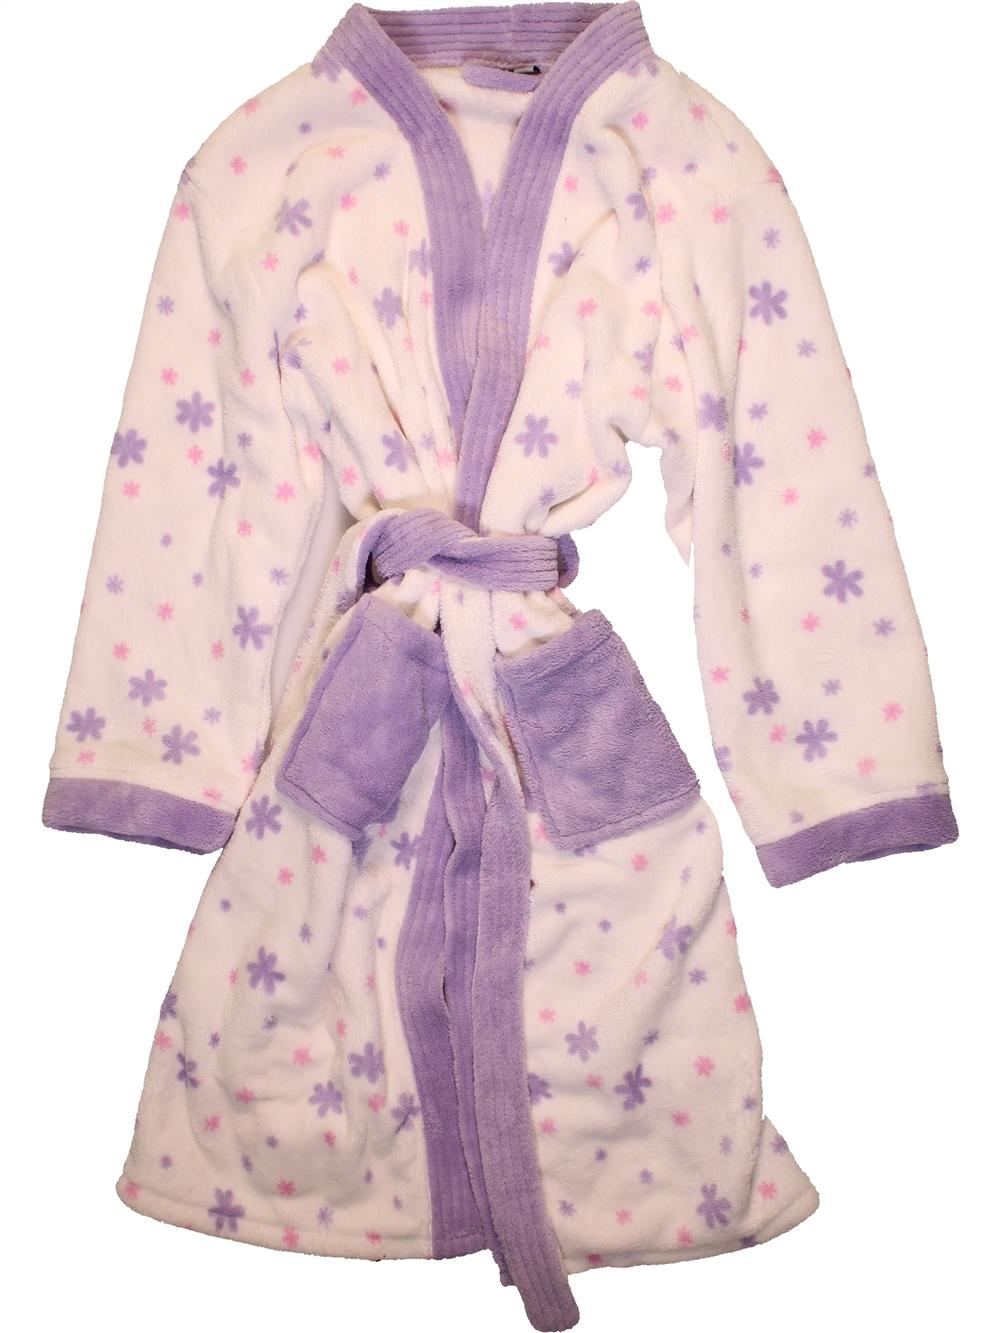 Robe De Chambre Fille Alive 12 Ans Pas Cher 9 99 1236997